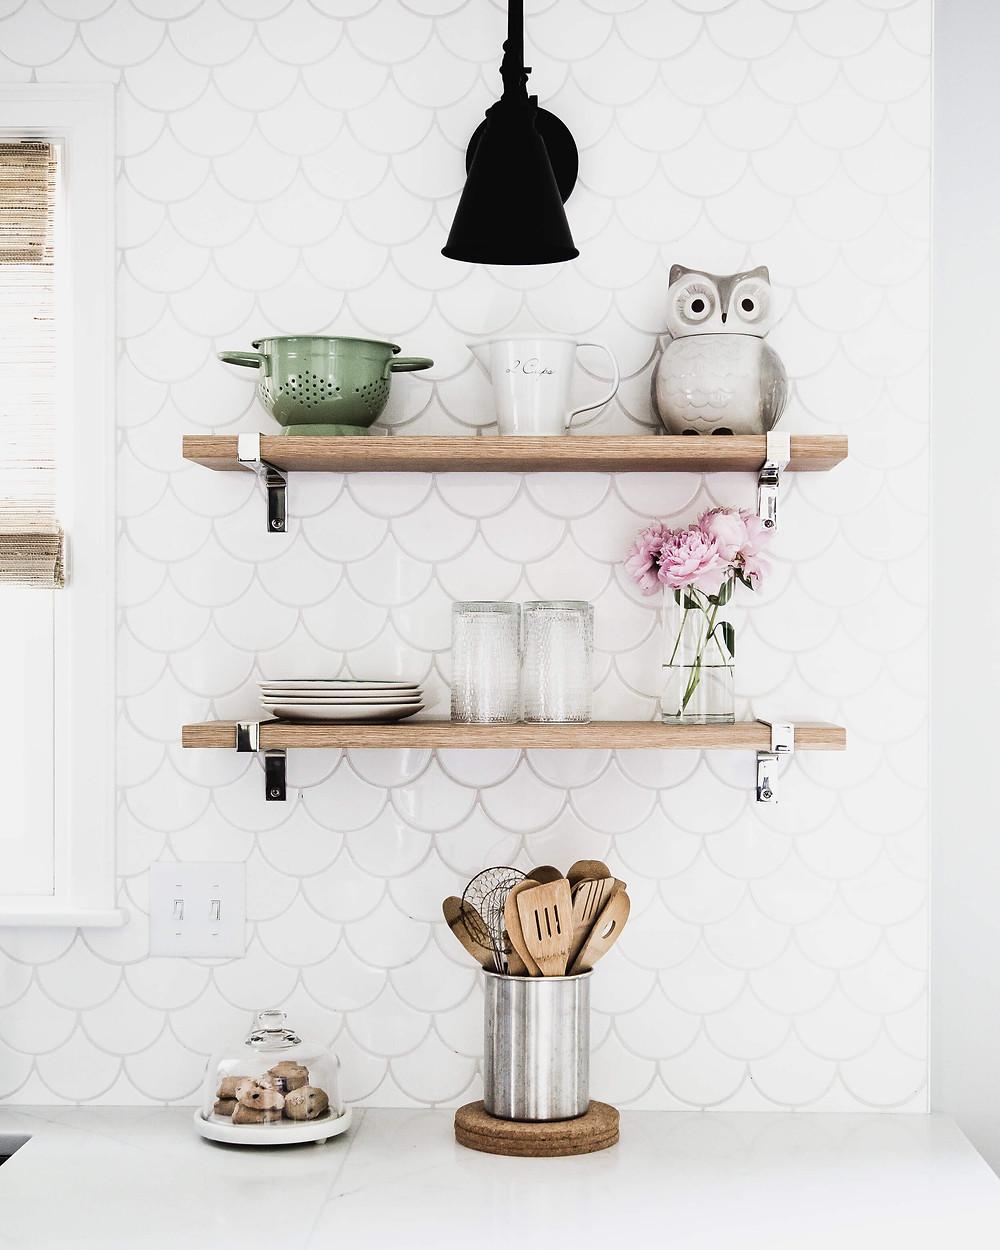 Delicate fish scale tile backsplash, white oak floating shelves and black arm sconce